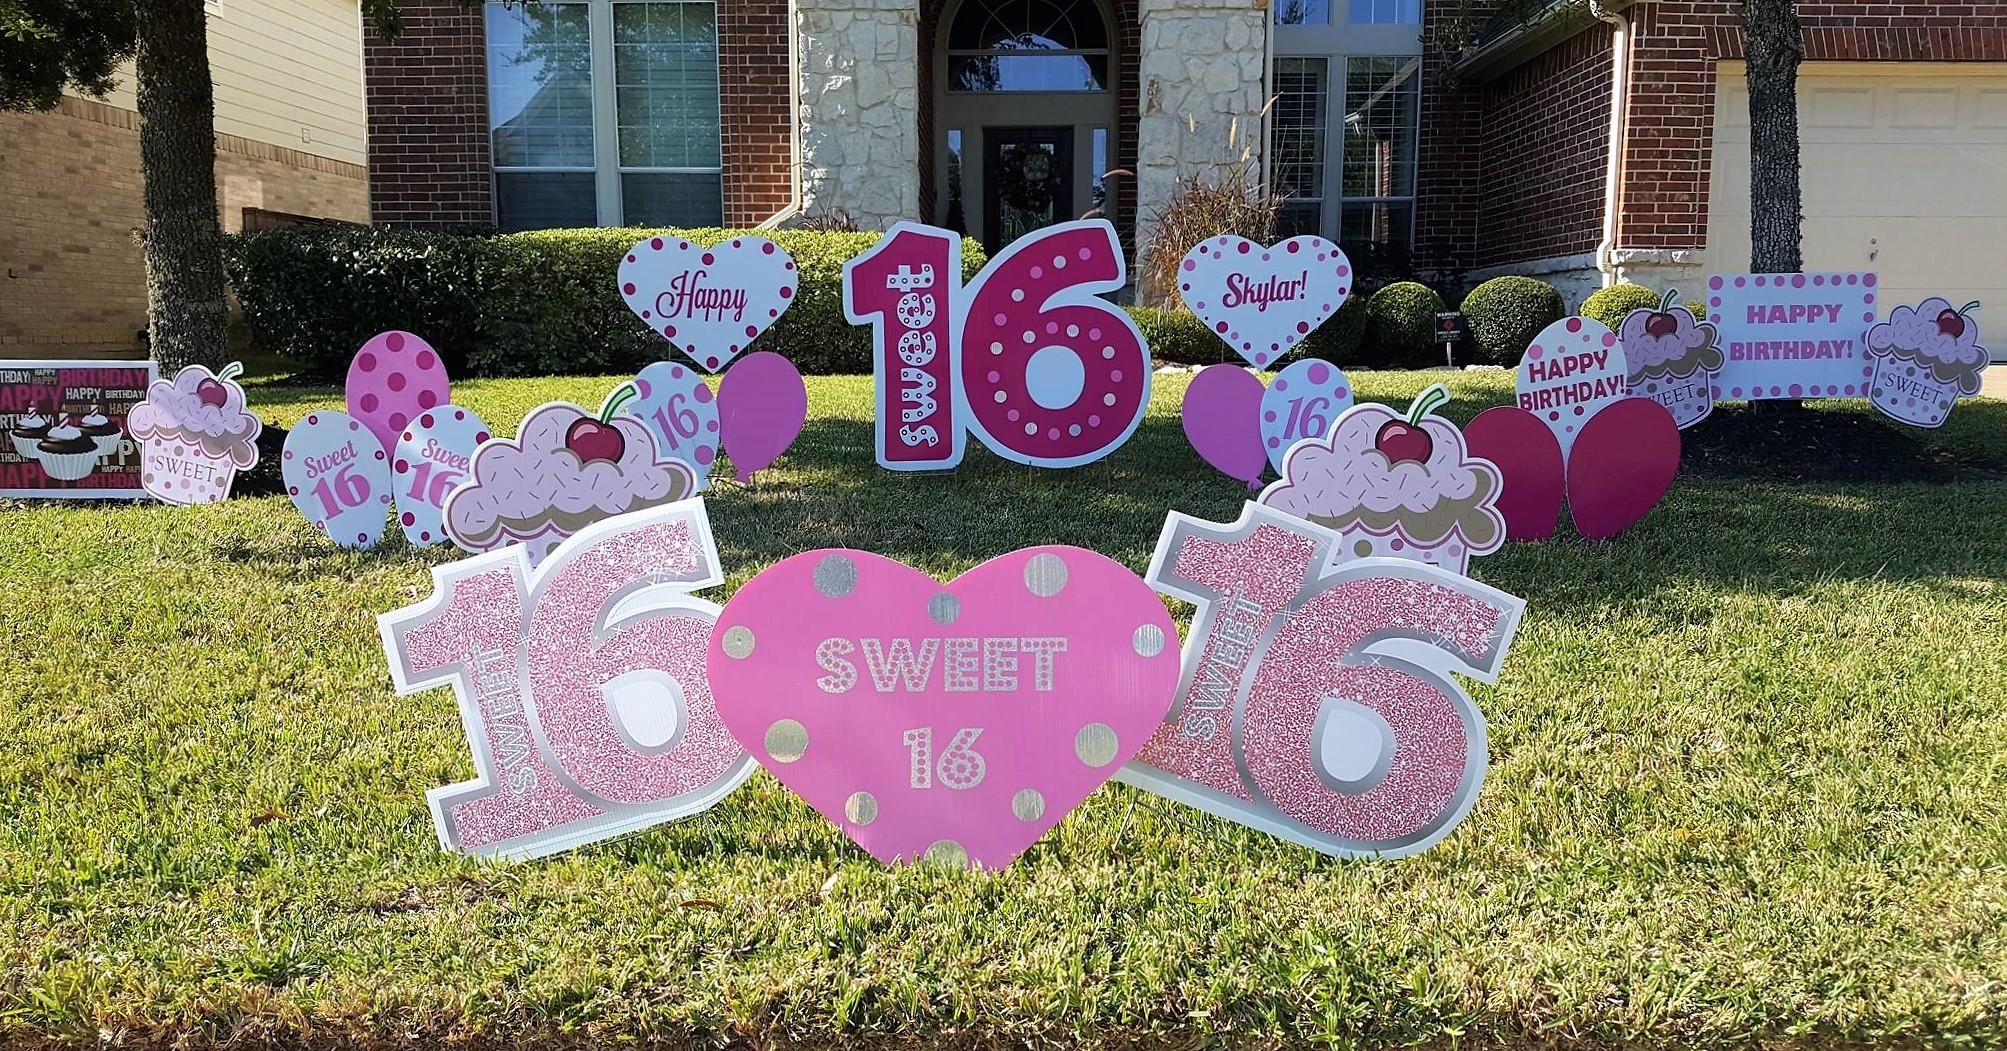 sweet16-pinkglitter16sbig16